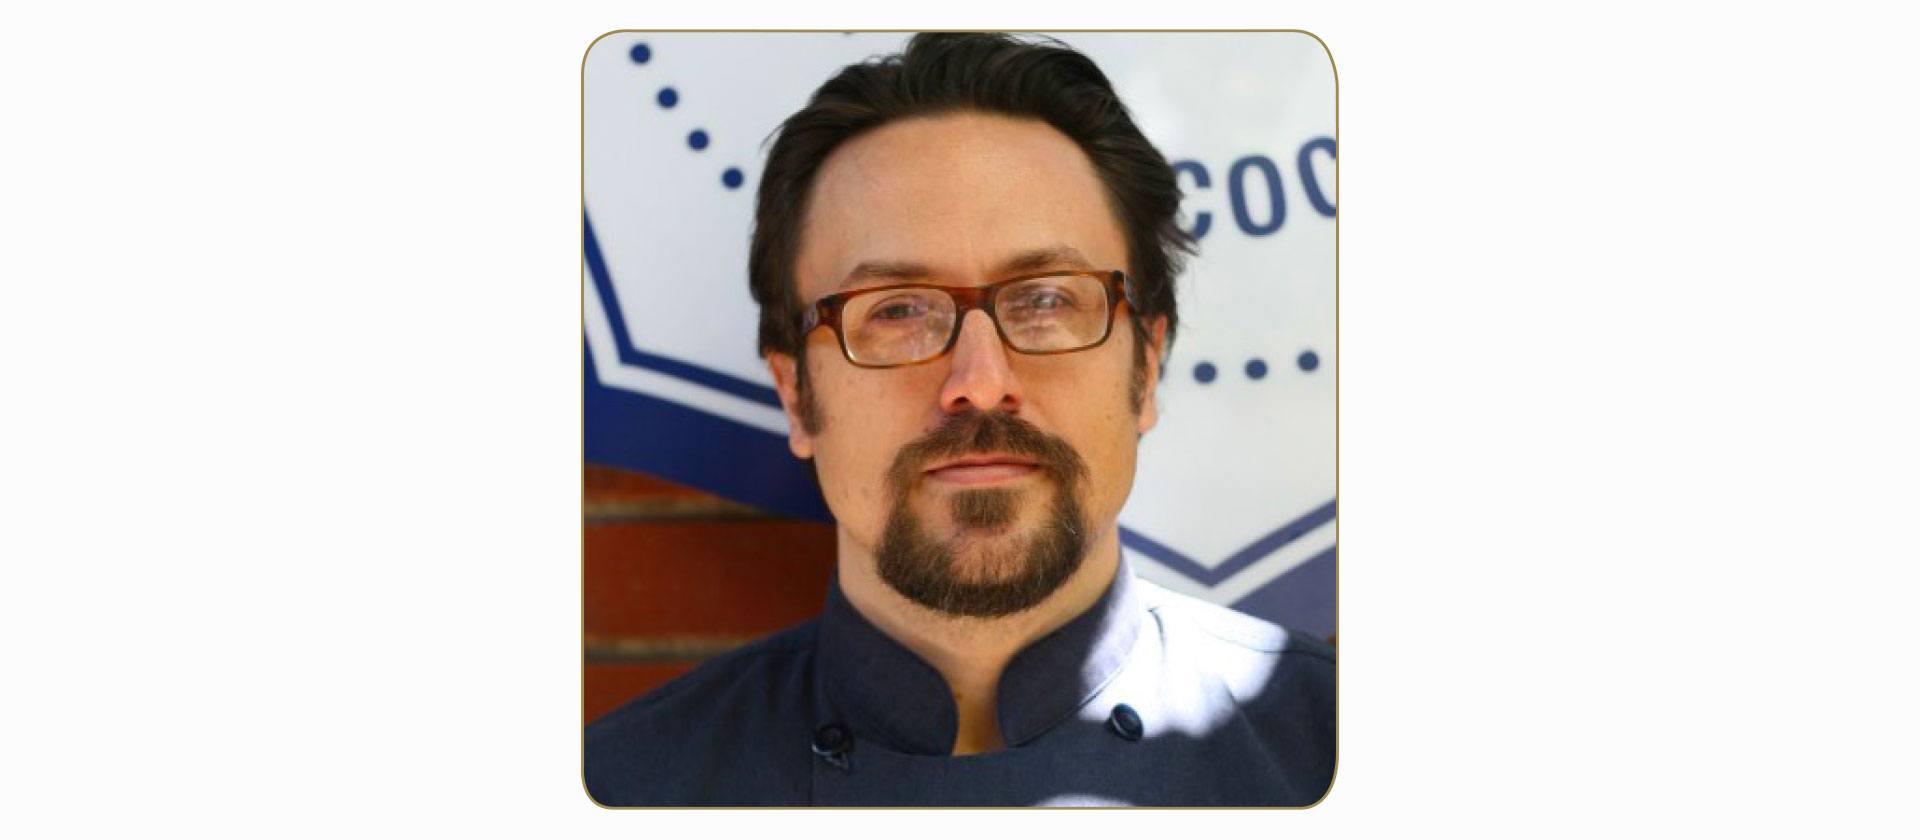 Panorama des tendances culinaires 2017 - Jorge Lamport (Guatemala), propriétaire et fondateur de la Escuela de Alta Cocina Camille (École de Haute Cuisine Camille), chef et consultant culinaire